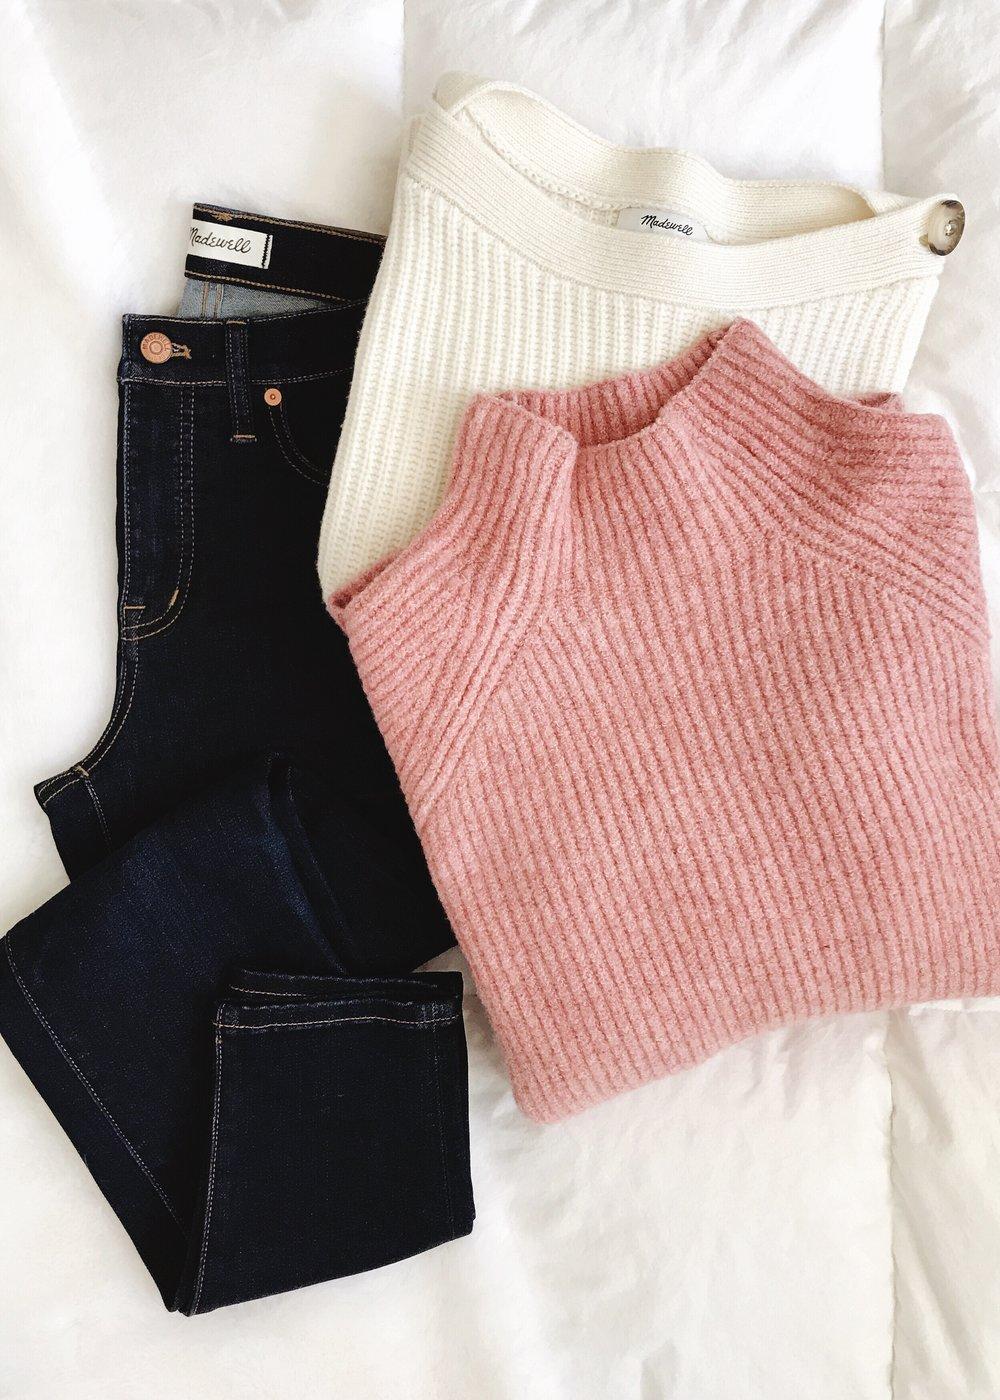 4RP_jan_madewellsweaters.JPG